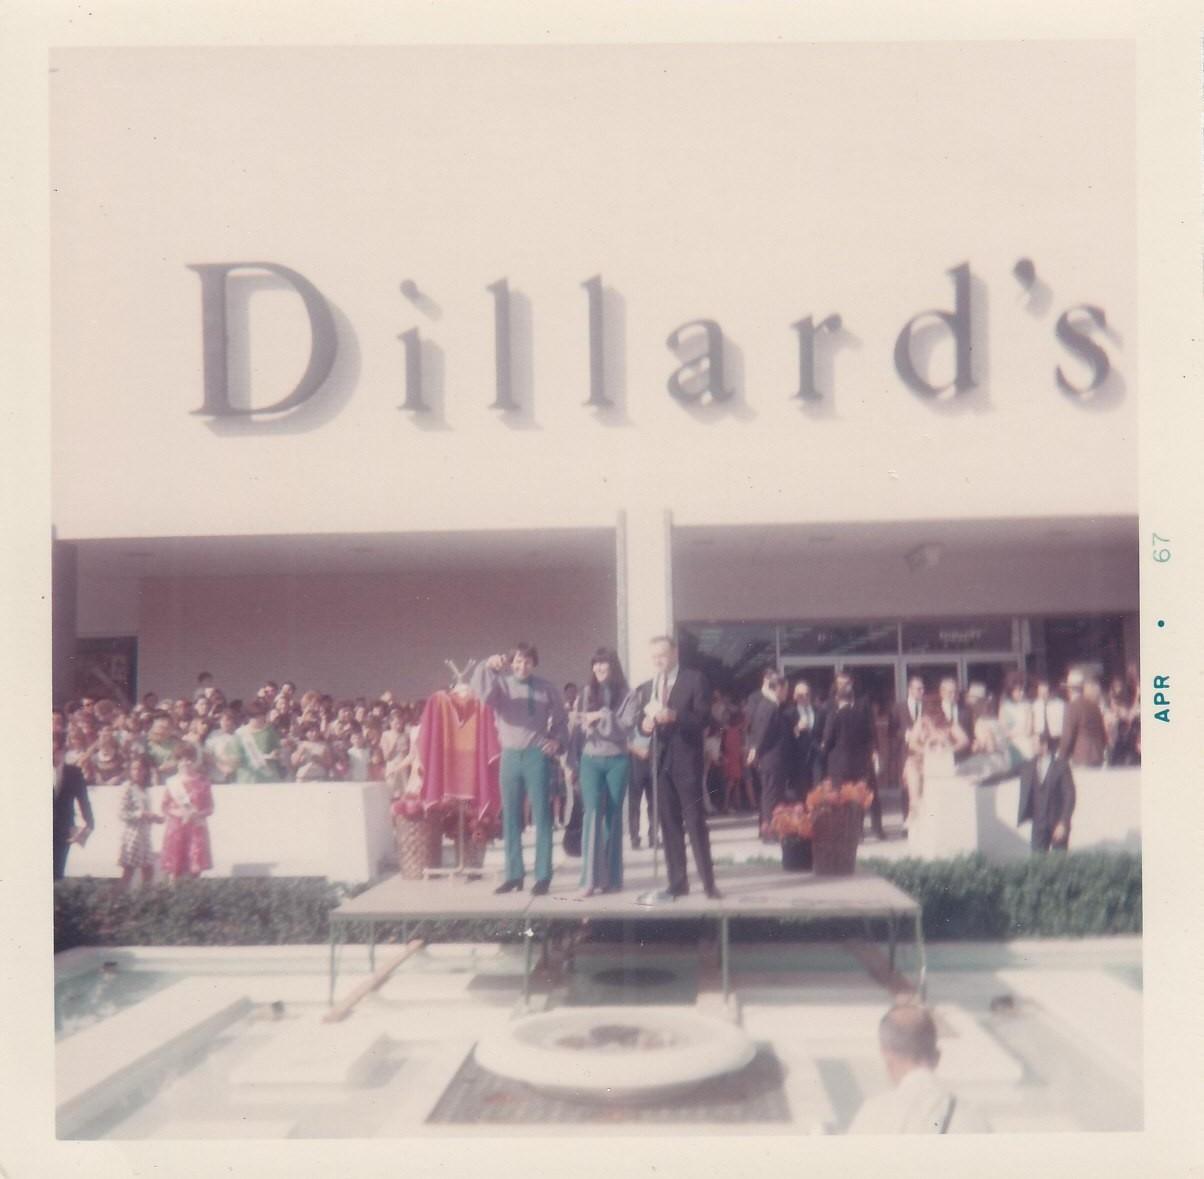 Pleasant Family Shopping: September 2012